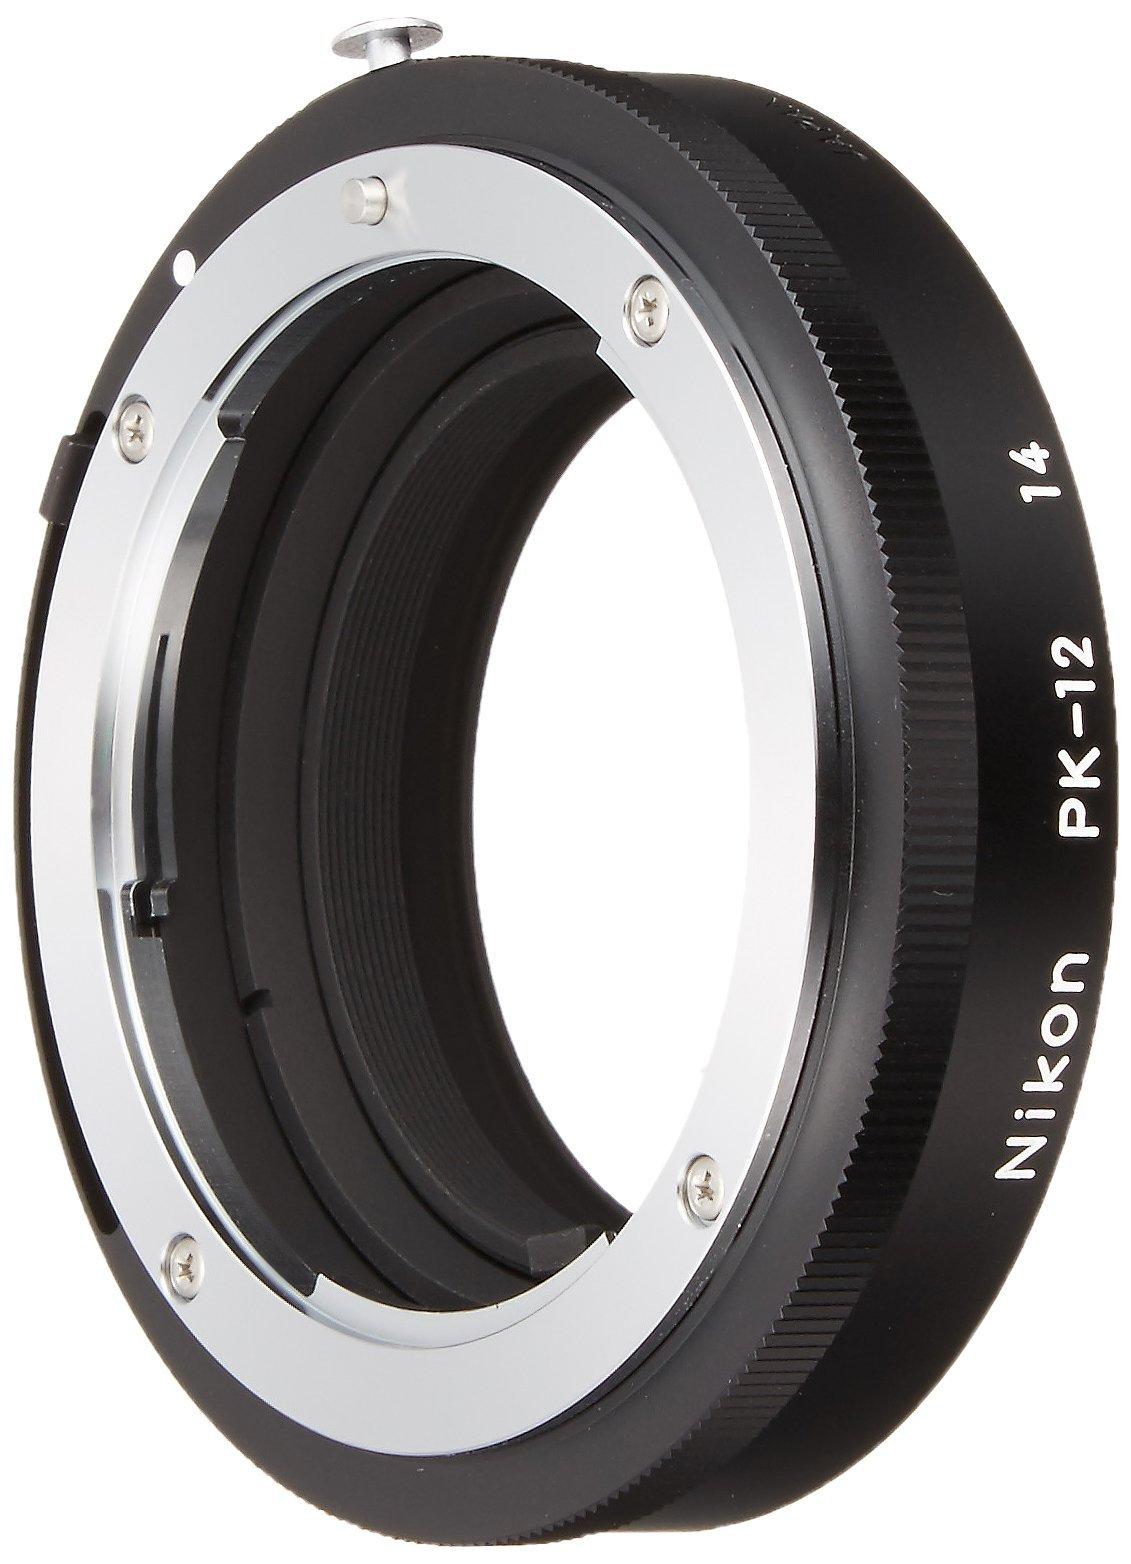 Nikon Pk-12 Auto Extension Ring